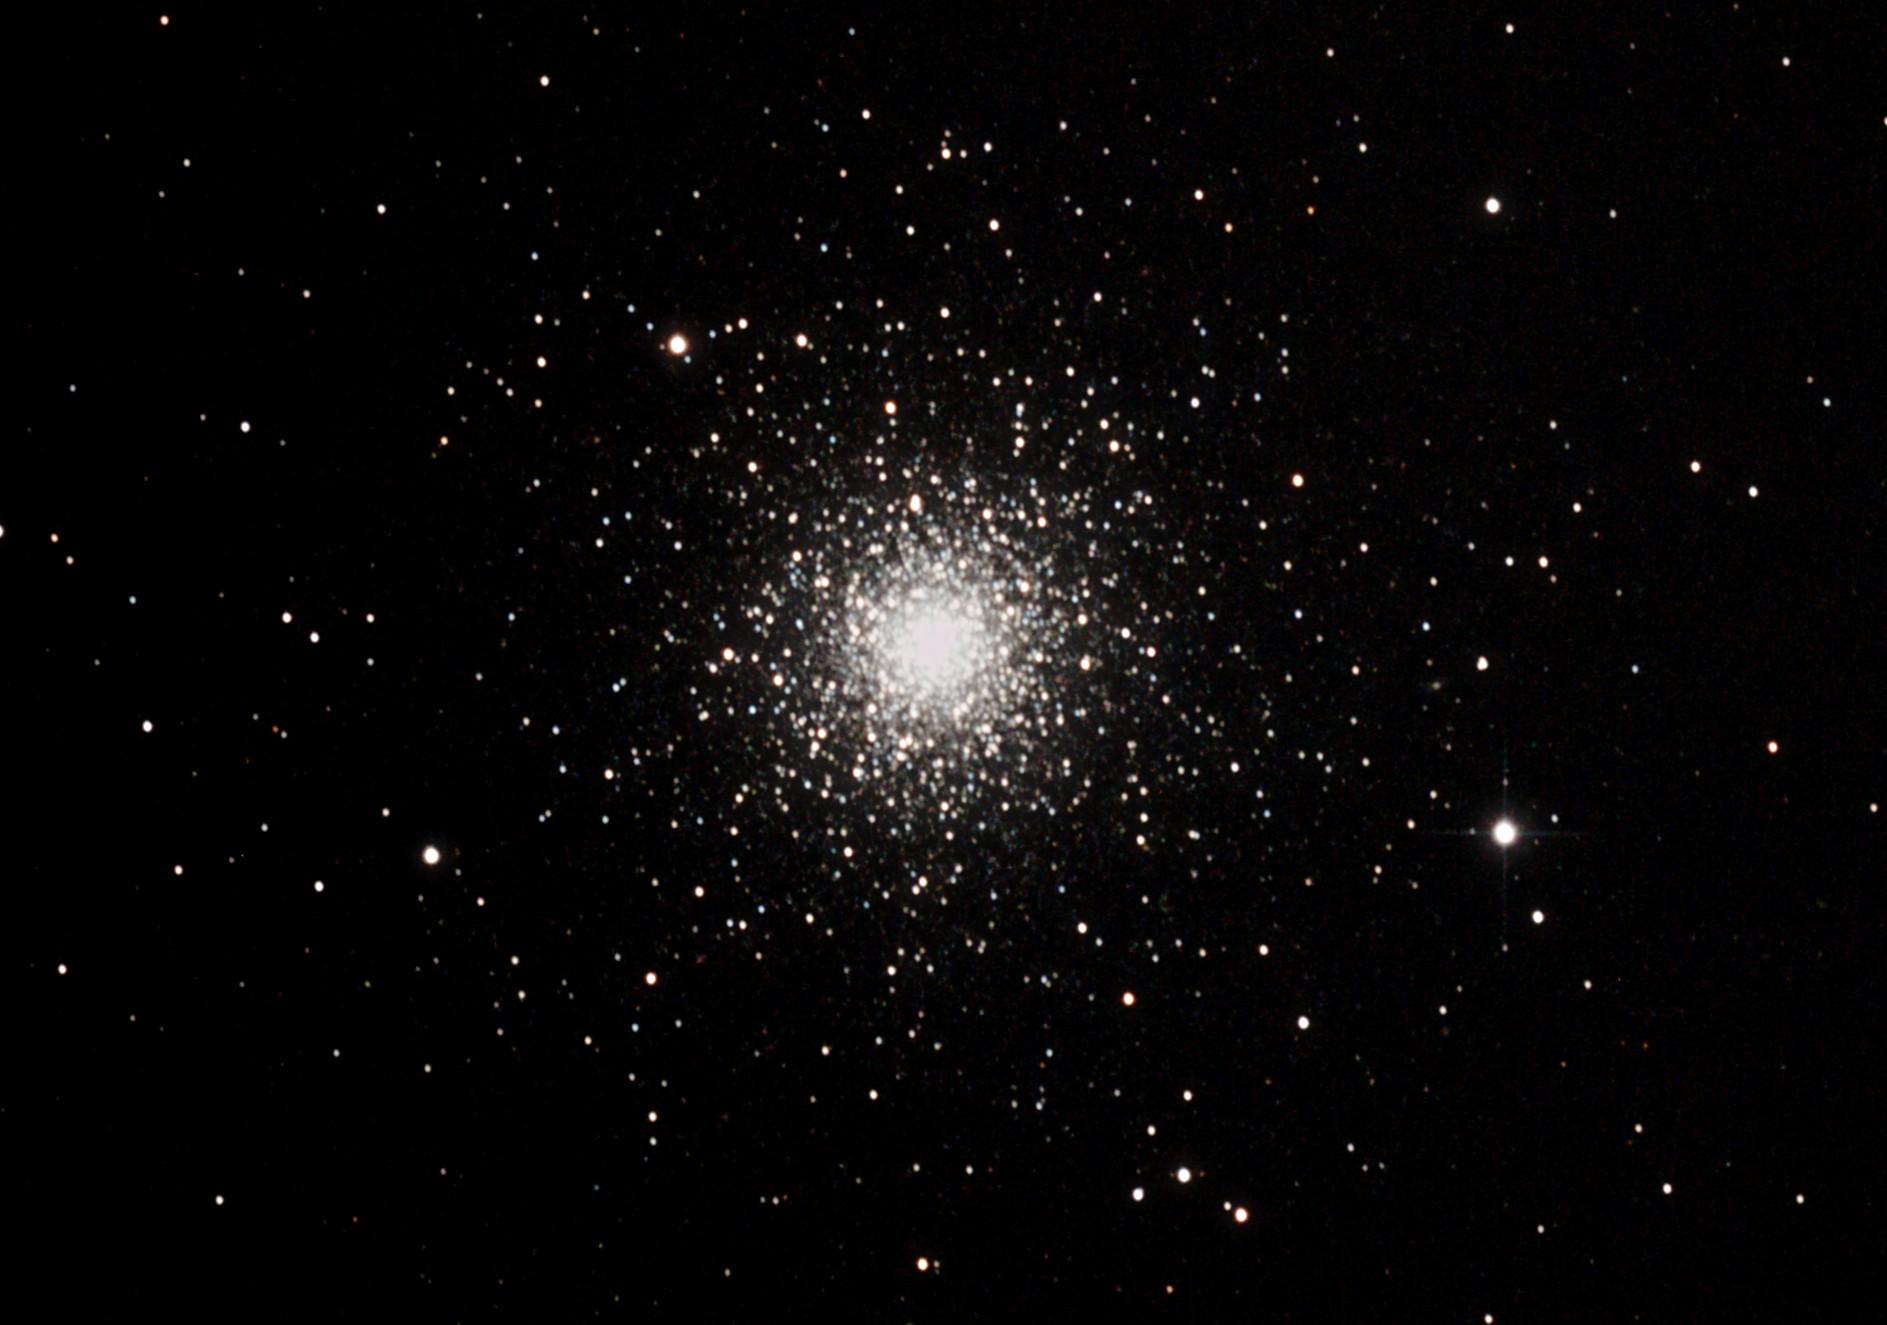 球状星団 M3 20150329